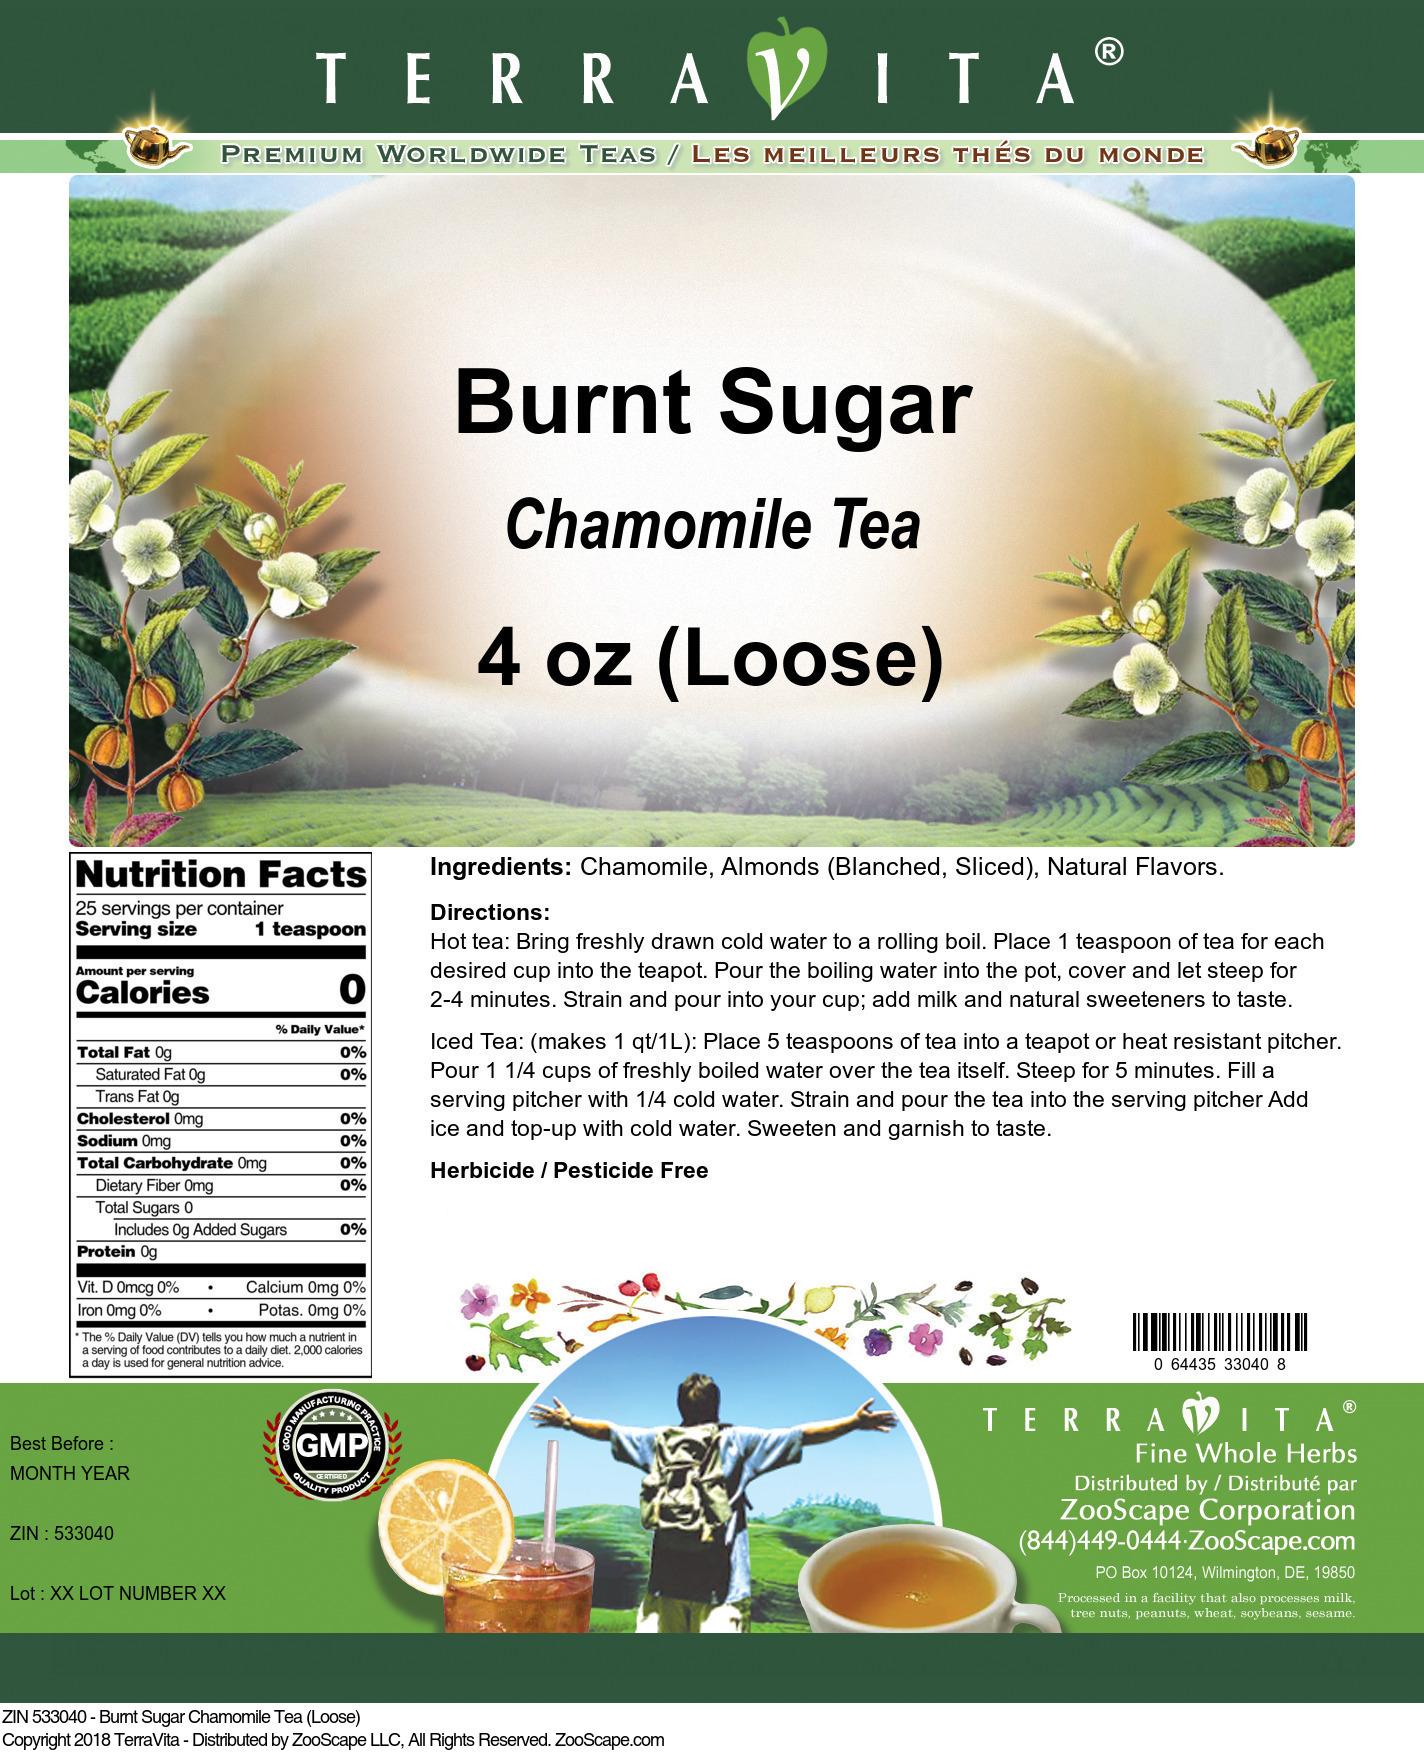 Burnt Sugar Chamomile Tea (Loose)